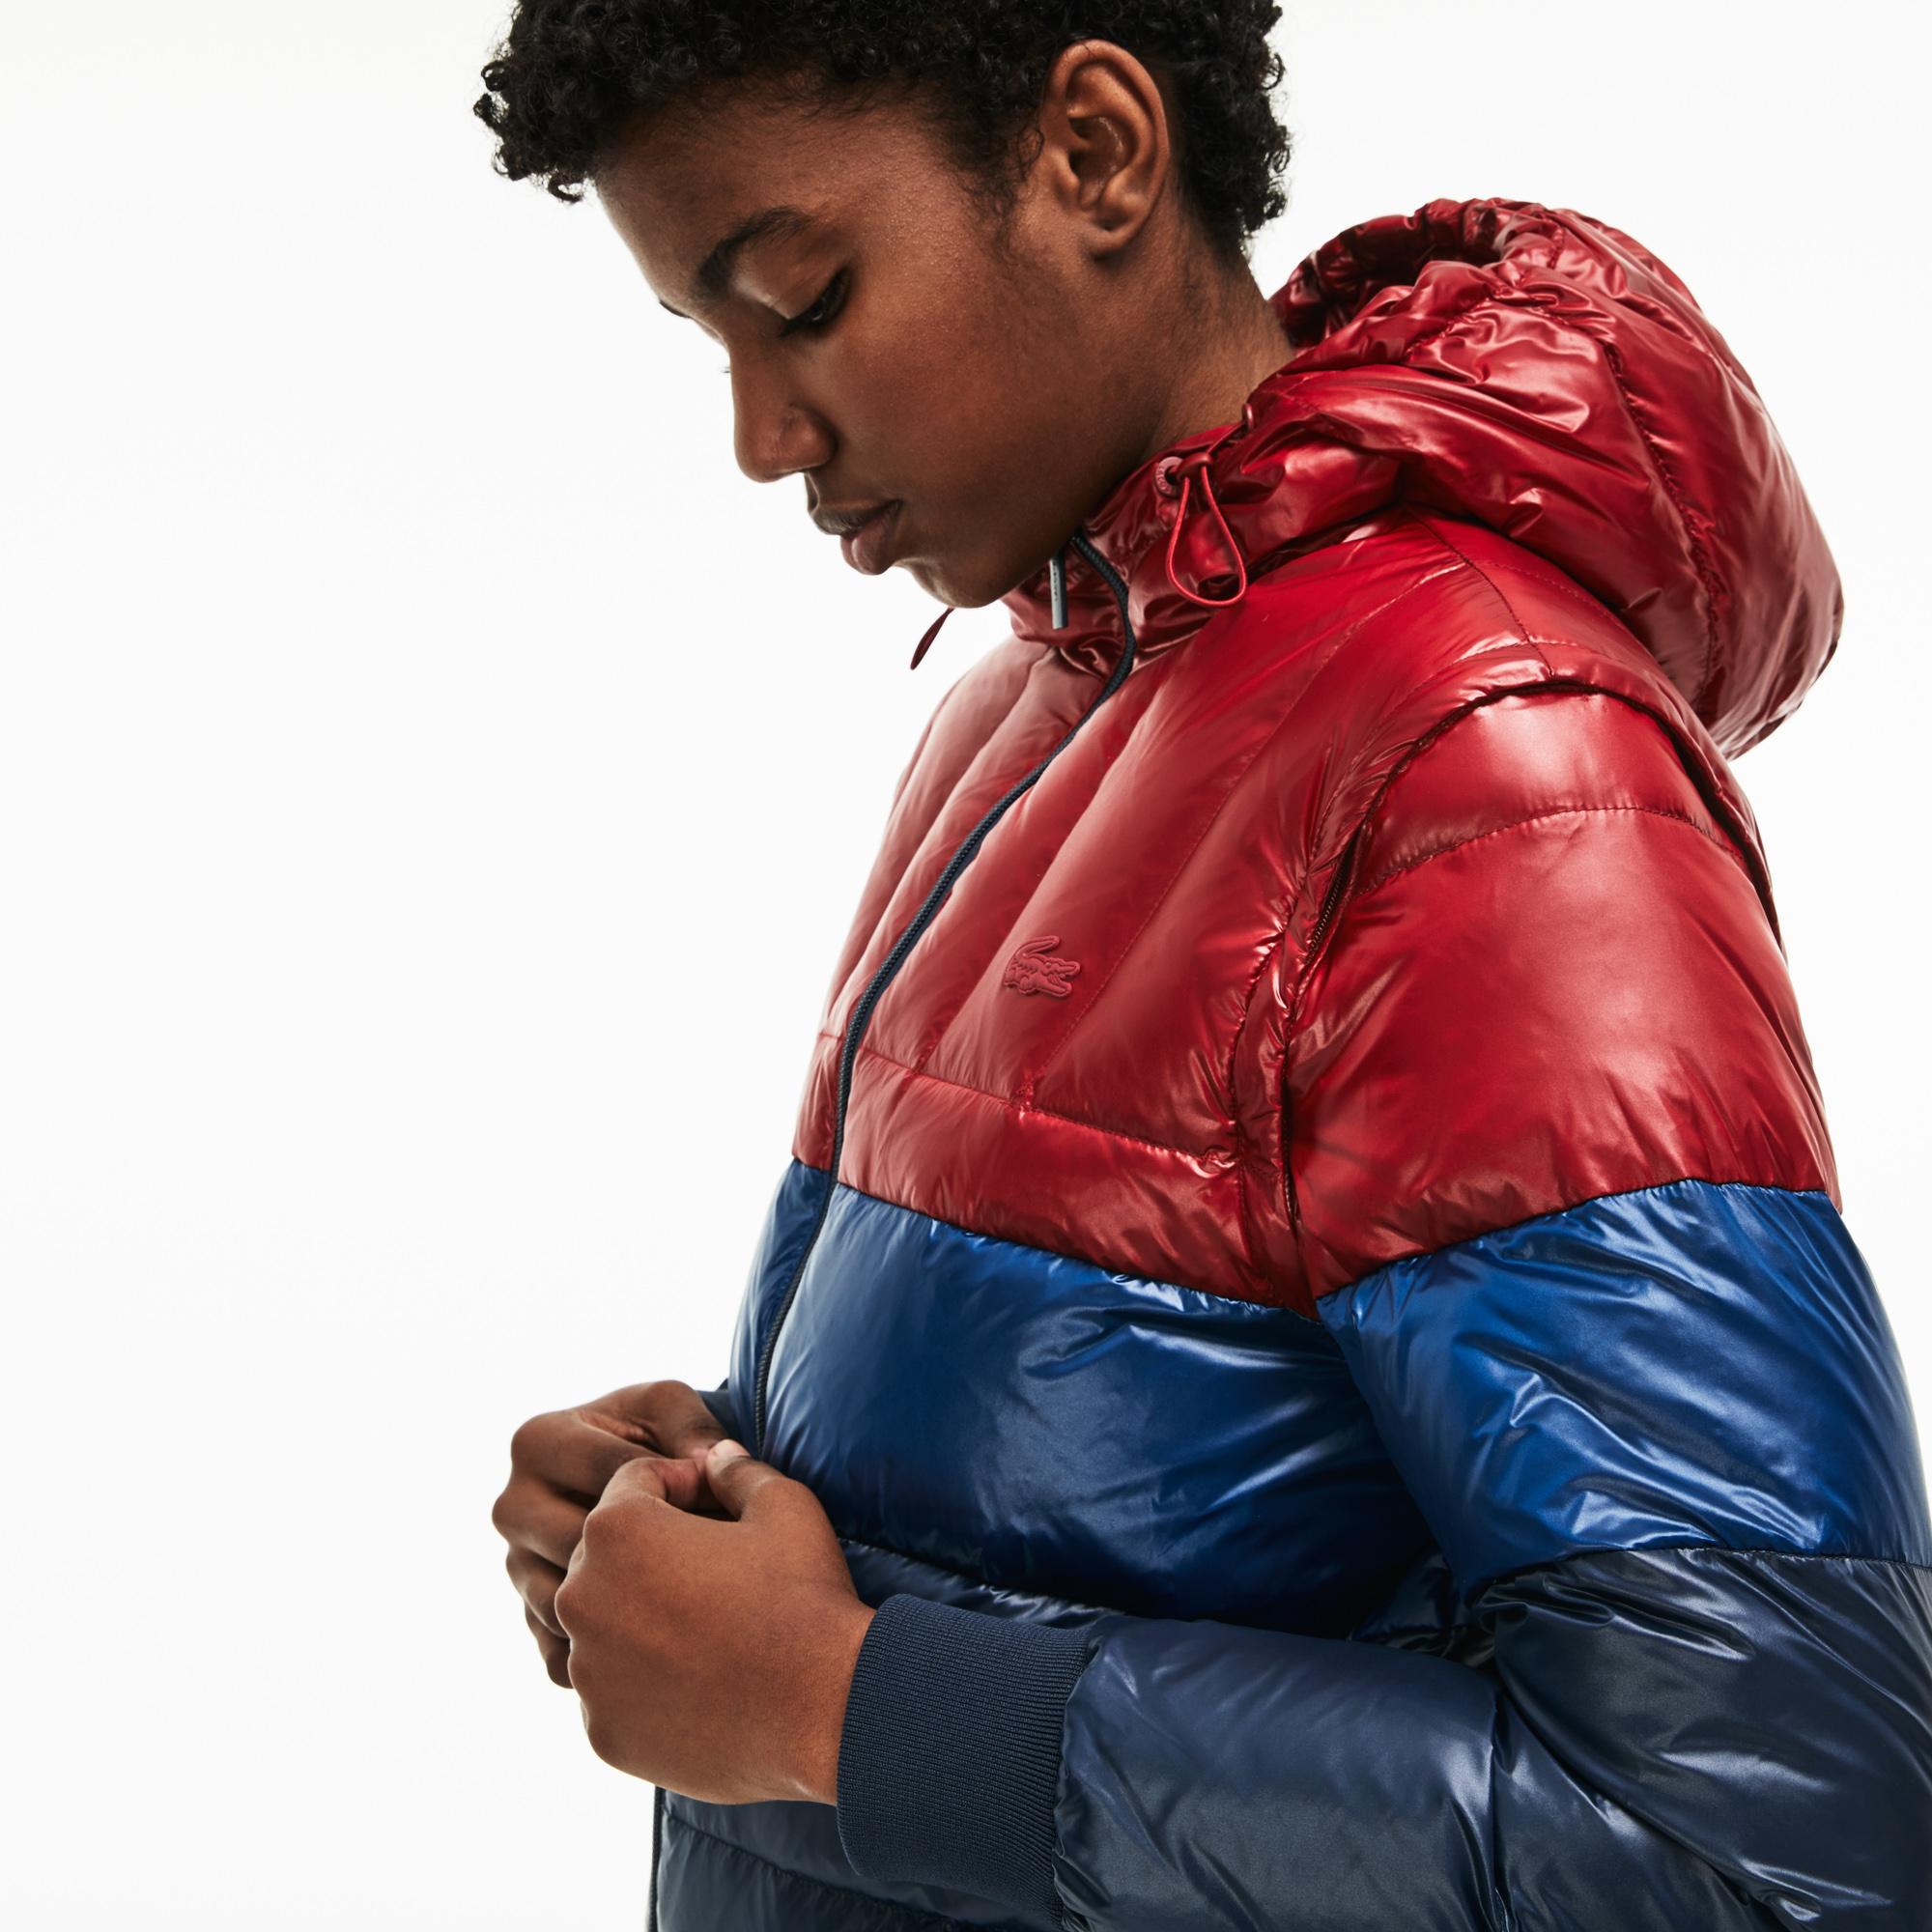 Куртка LacosteВерхняя одежда<br>Детали: с капюшоном;\Рукава отстегиваются;\Утеплитель пух и перо;\Прорезные карманы на молнии\Материал: 100% полиэстер 98% полиэстер 2% эластан 100% полиамид 80% пух 20% перо